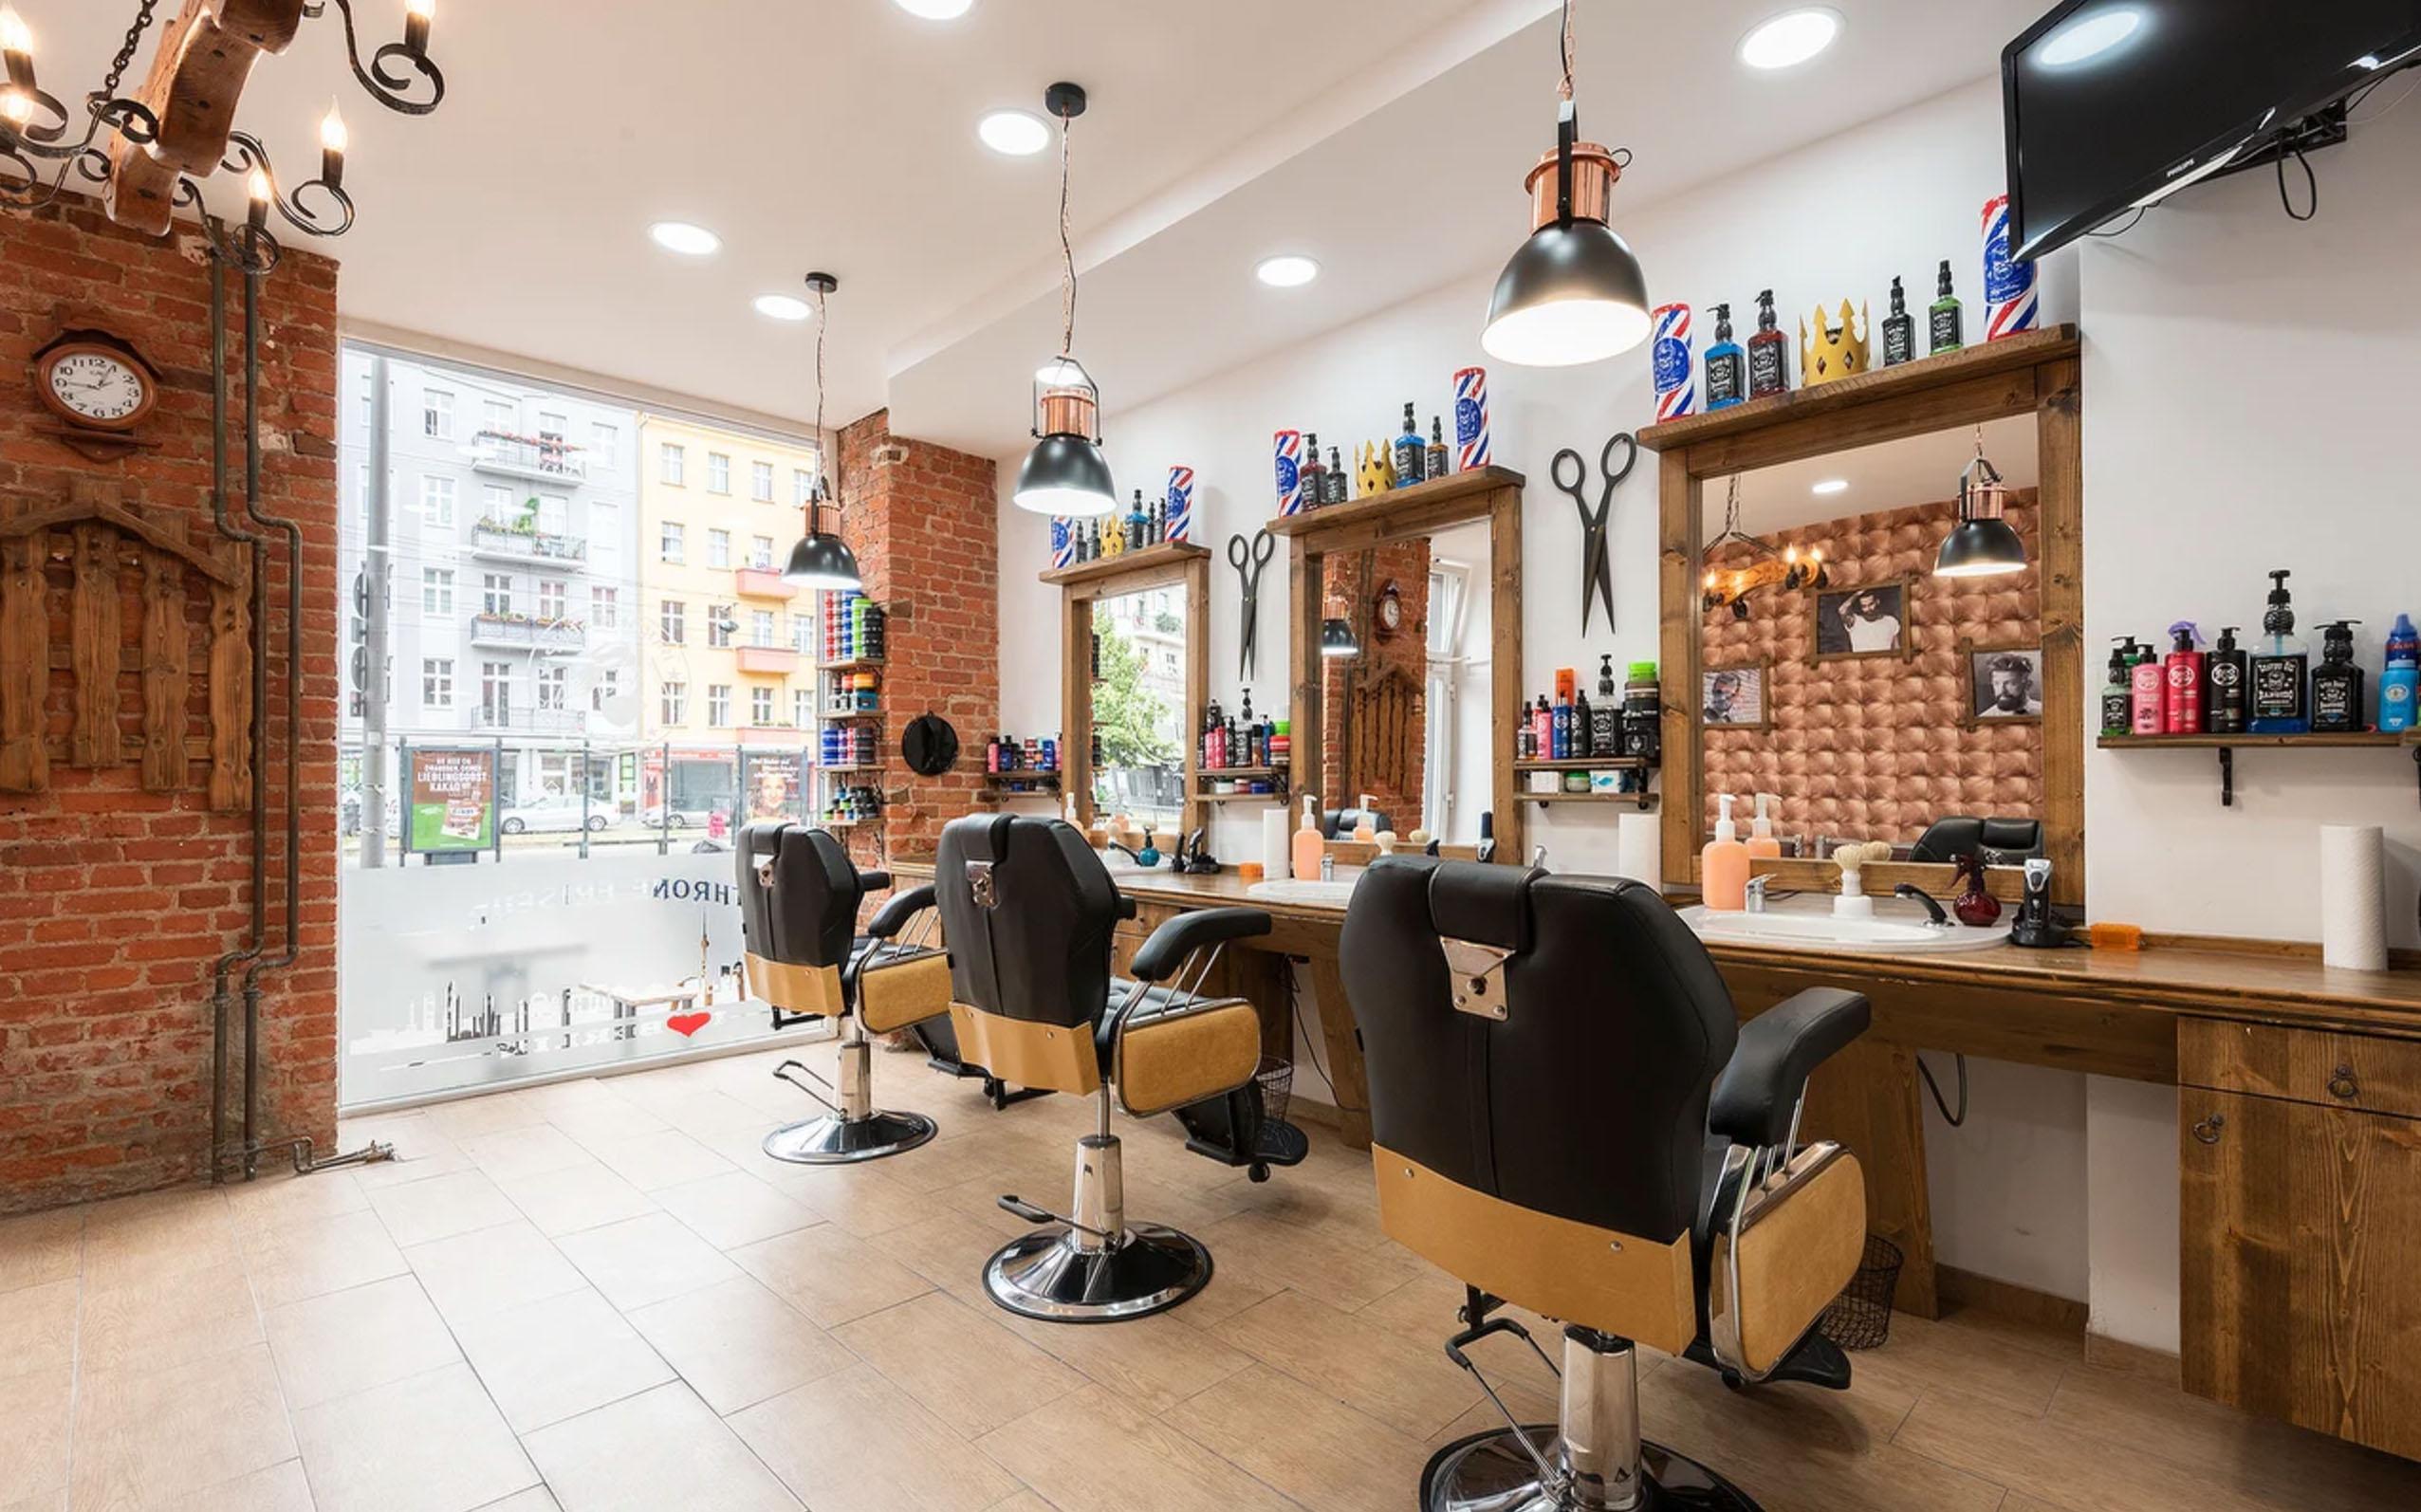 throne friseur Prenzlauer Berg Berlin haare schneiden Barbershop Rasieren Bartschnitt Herren Waschen Schneiden Föhnen Stylen 39